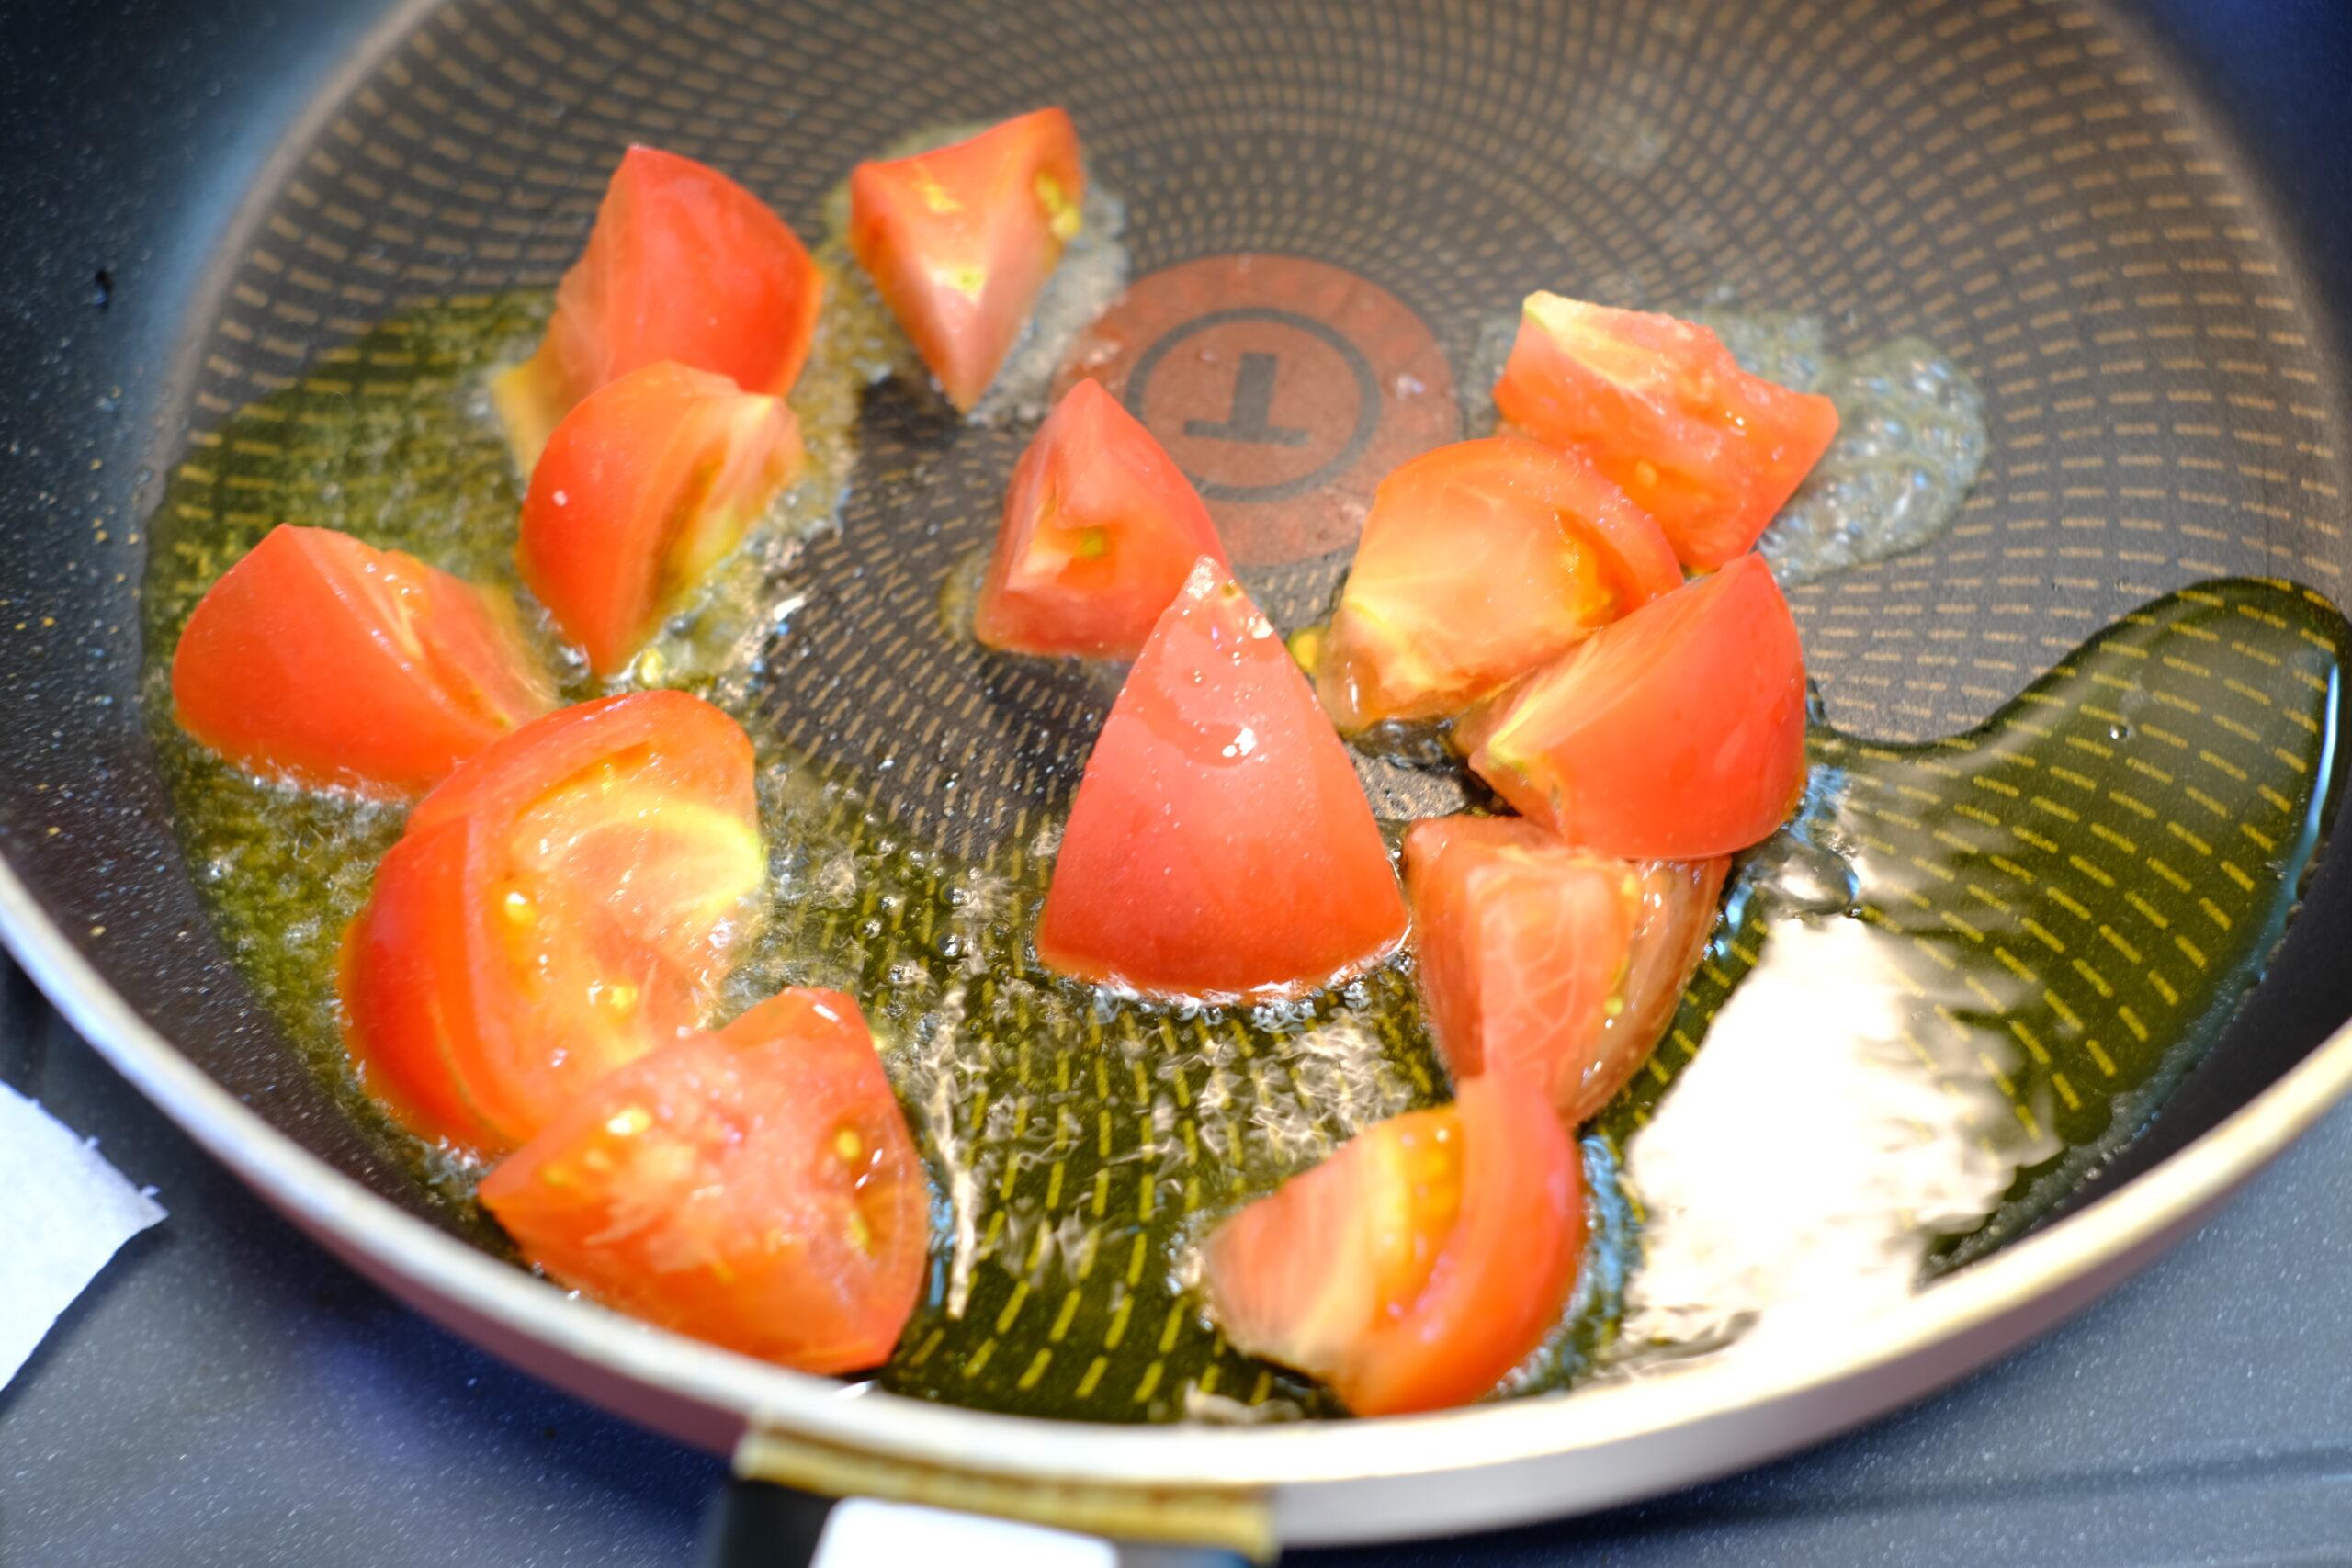 ニンニクの香りを移したオリーブオイルで、トマトを炒めている様子の画像